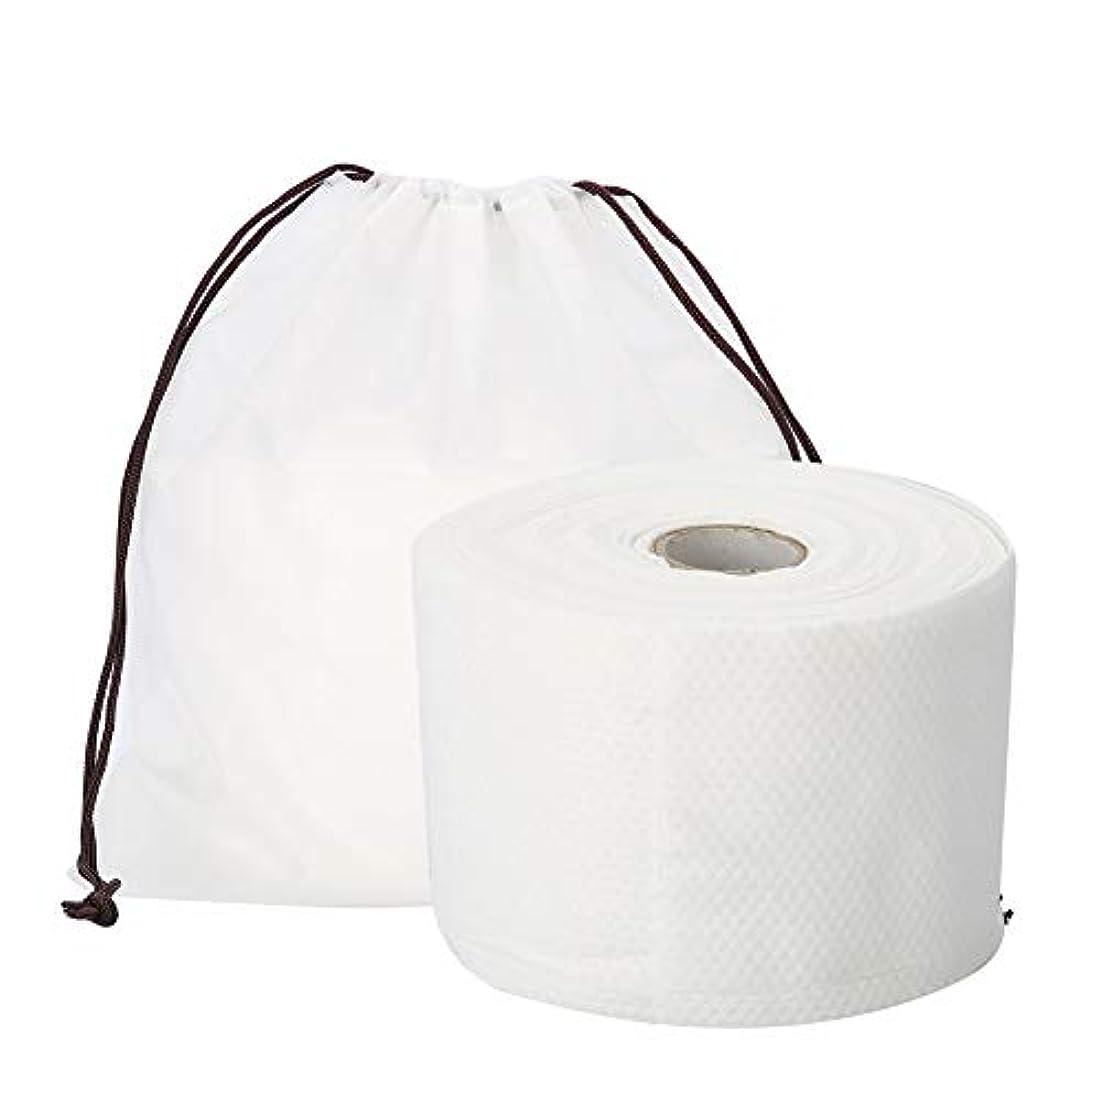 仕事に行く愛情深い重大Semmeの使い捨て可能なクリーニングのフェイスタオル、毛羽立ちのない綿パッドの構造使い捨て可能なフェイスタオルの柔らかいNonwovenのクリーニングの化粧品の綿パッド25m